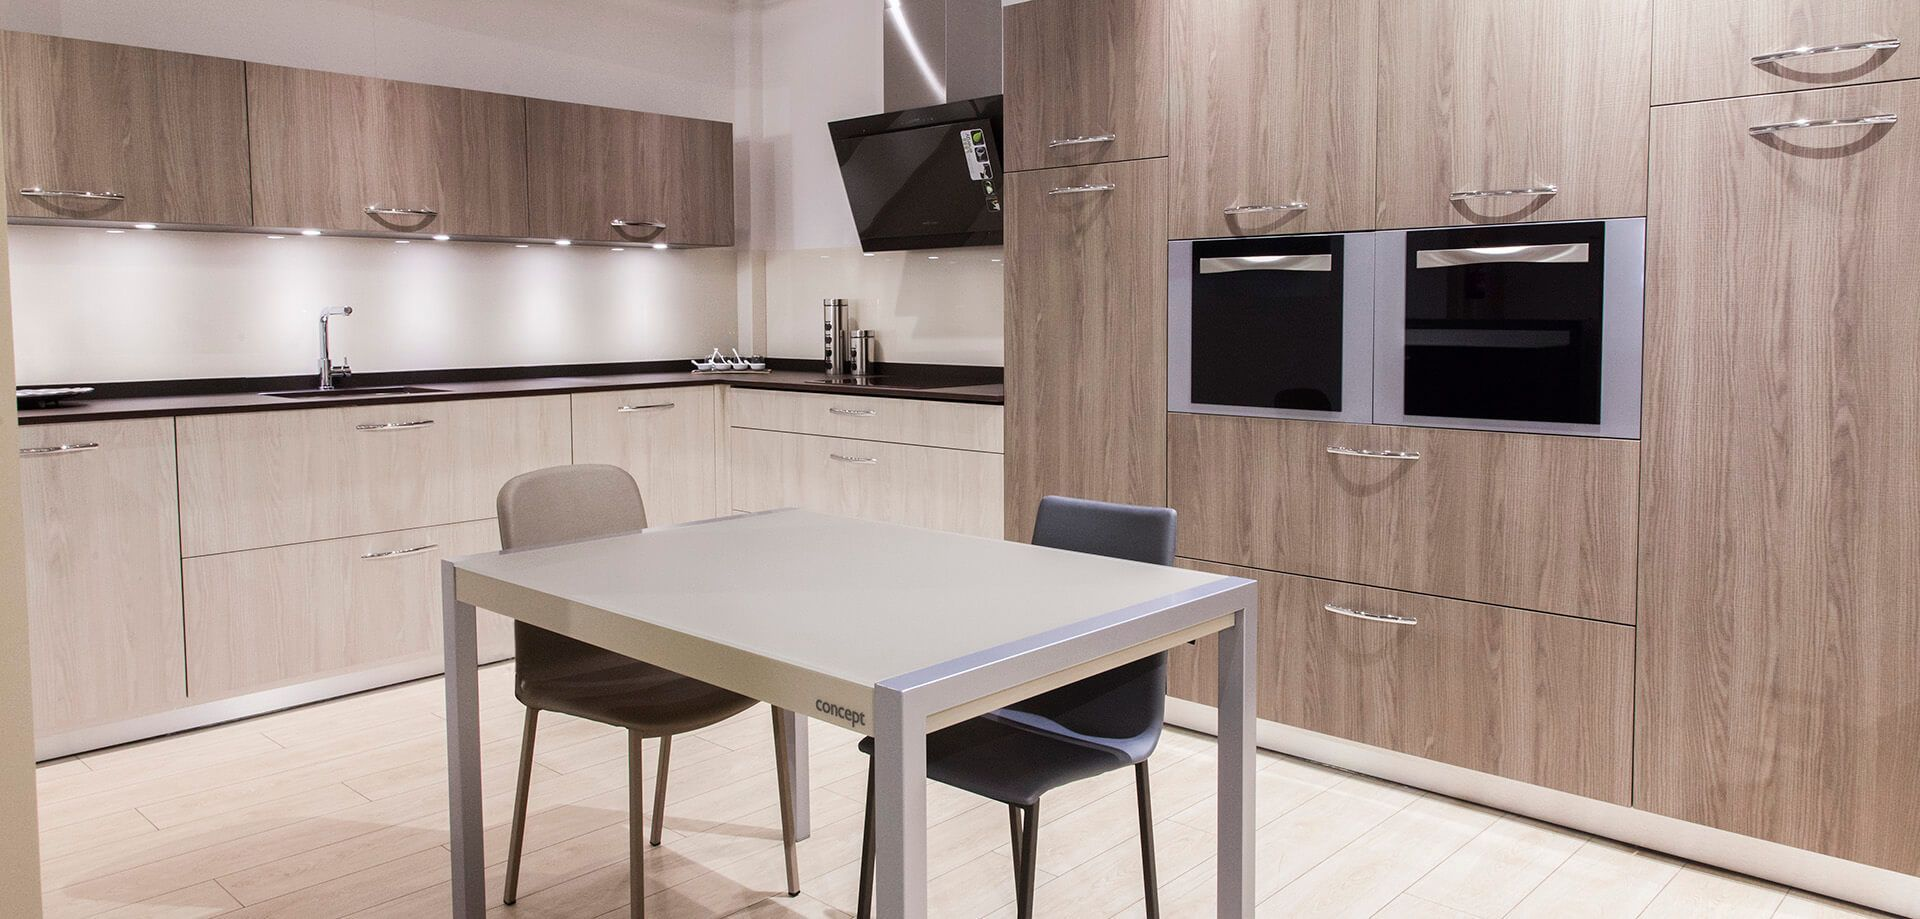 Fabricantes de muebles de cocina madrid catalogo muebles - Fabricante de muebles de cocina ...